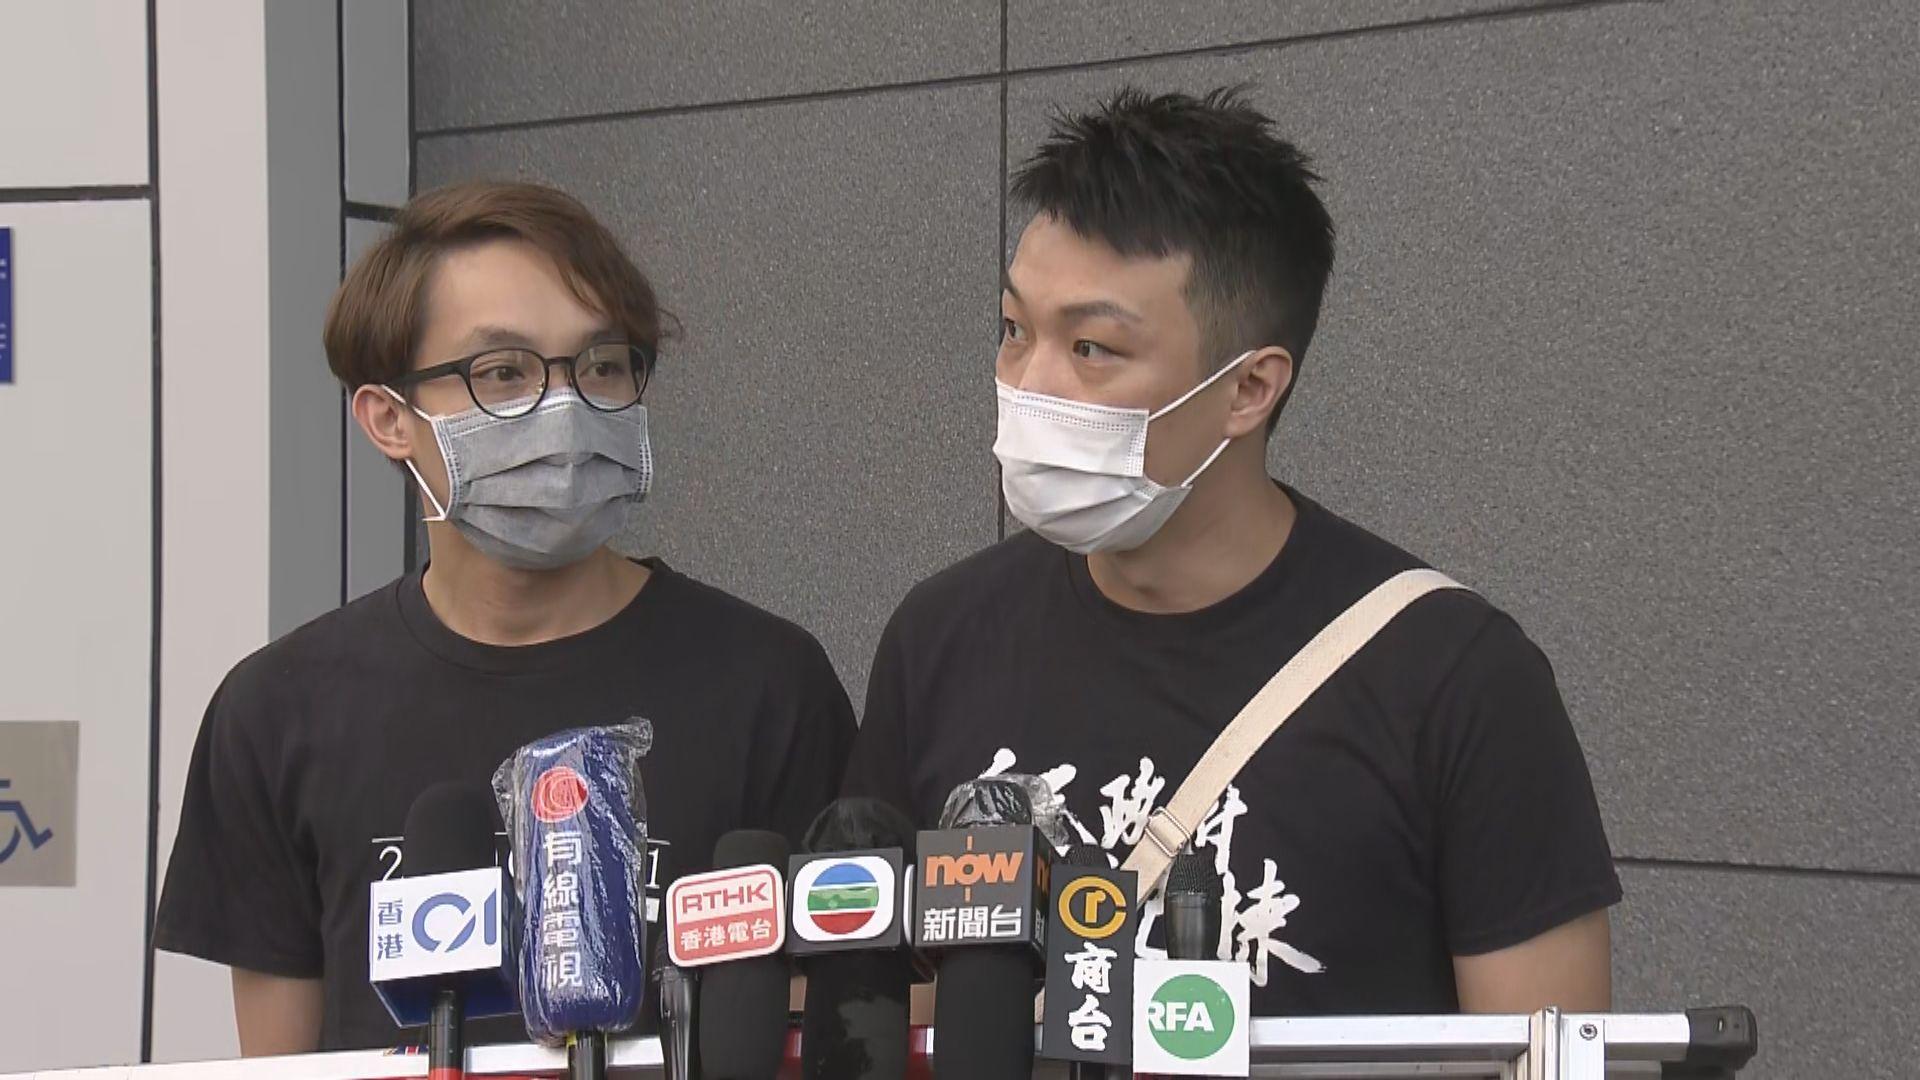 民陣發起十一遊行 向警方申請不反對通知書